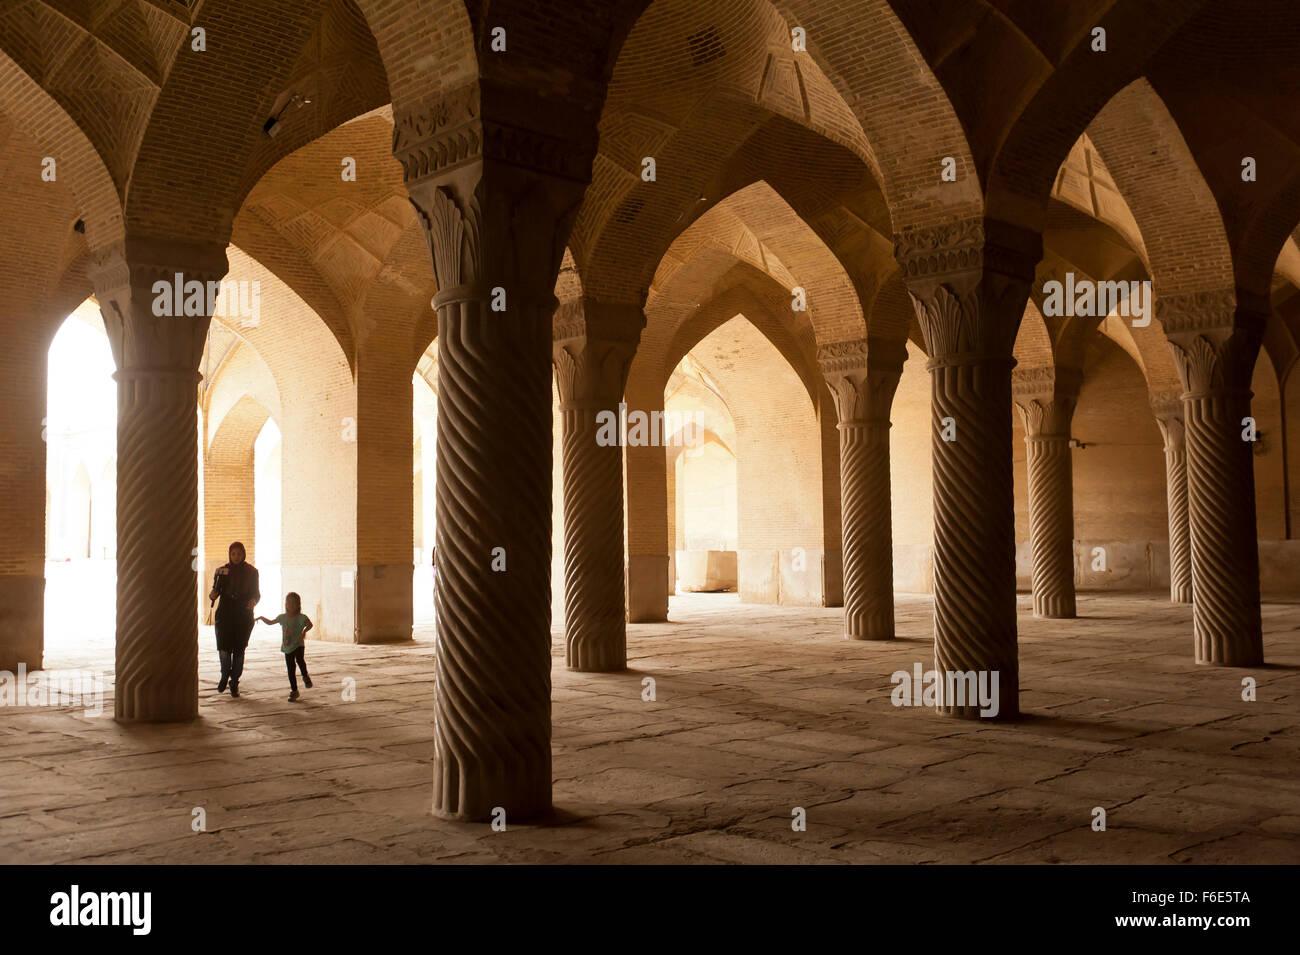 Mutter mit Kind im Vakil Moschee Gebetshalle, Shiraz, Iran Stockbild